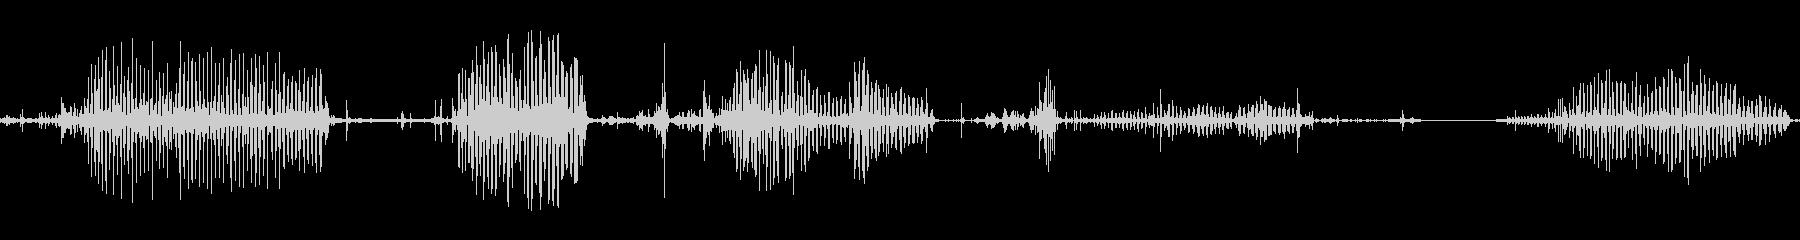 ピットブルドッグロックガーグルスナールの未再生の波形